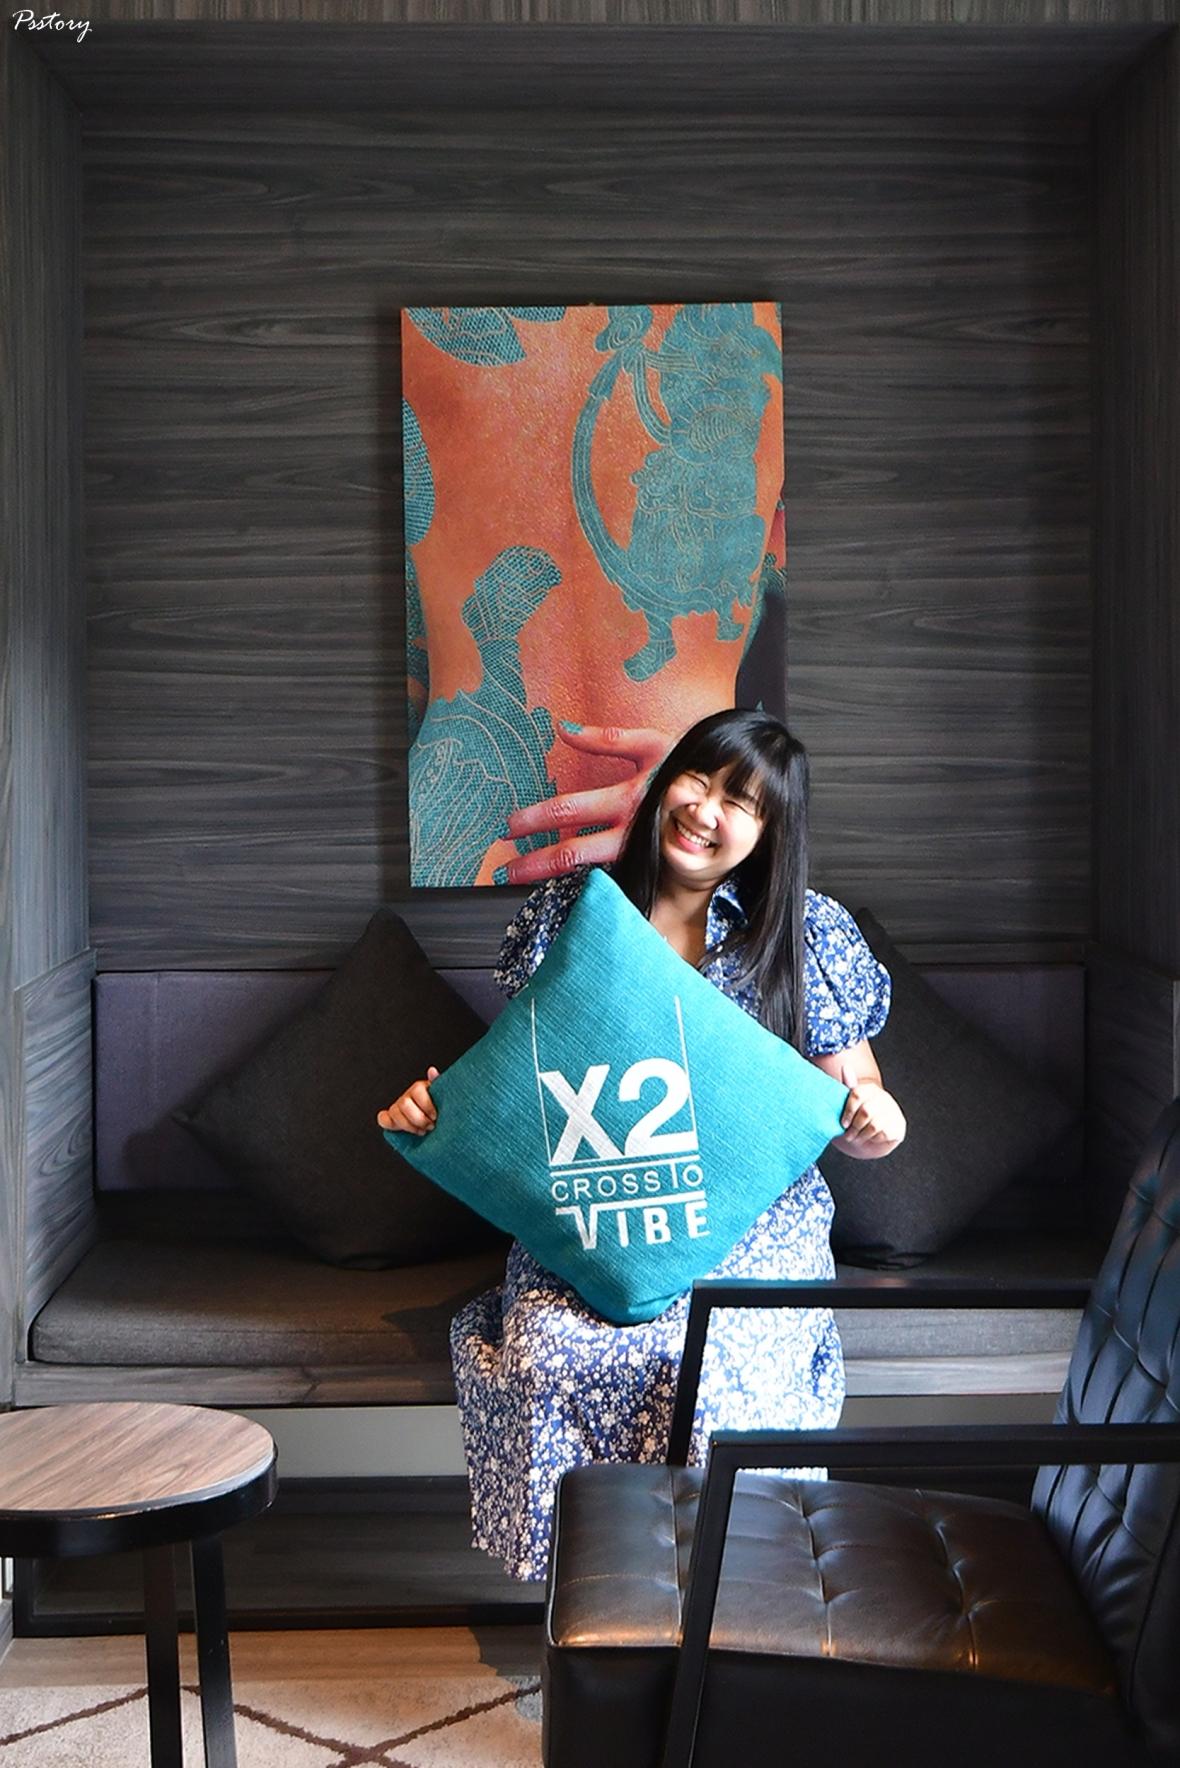 X2 Vibe bangkok (147)